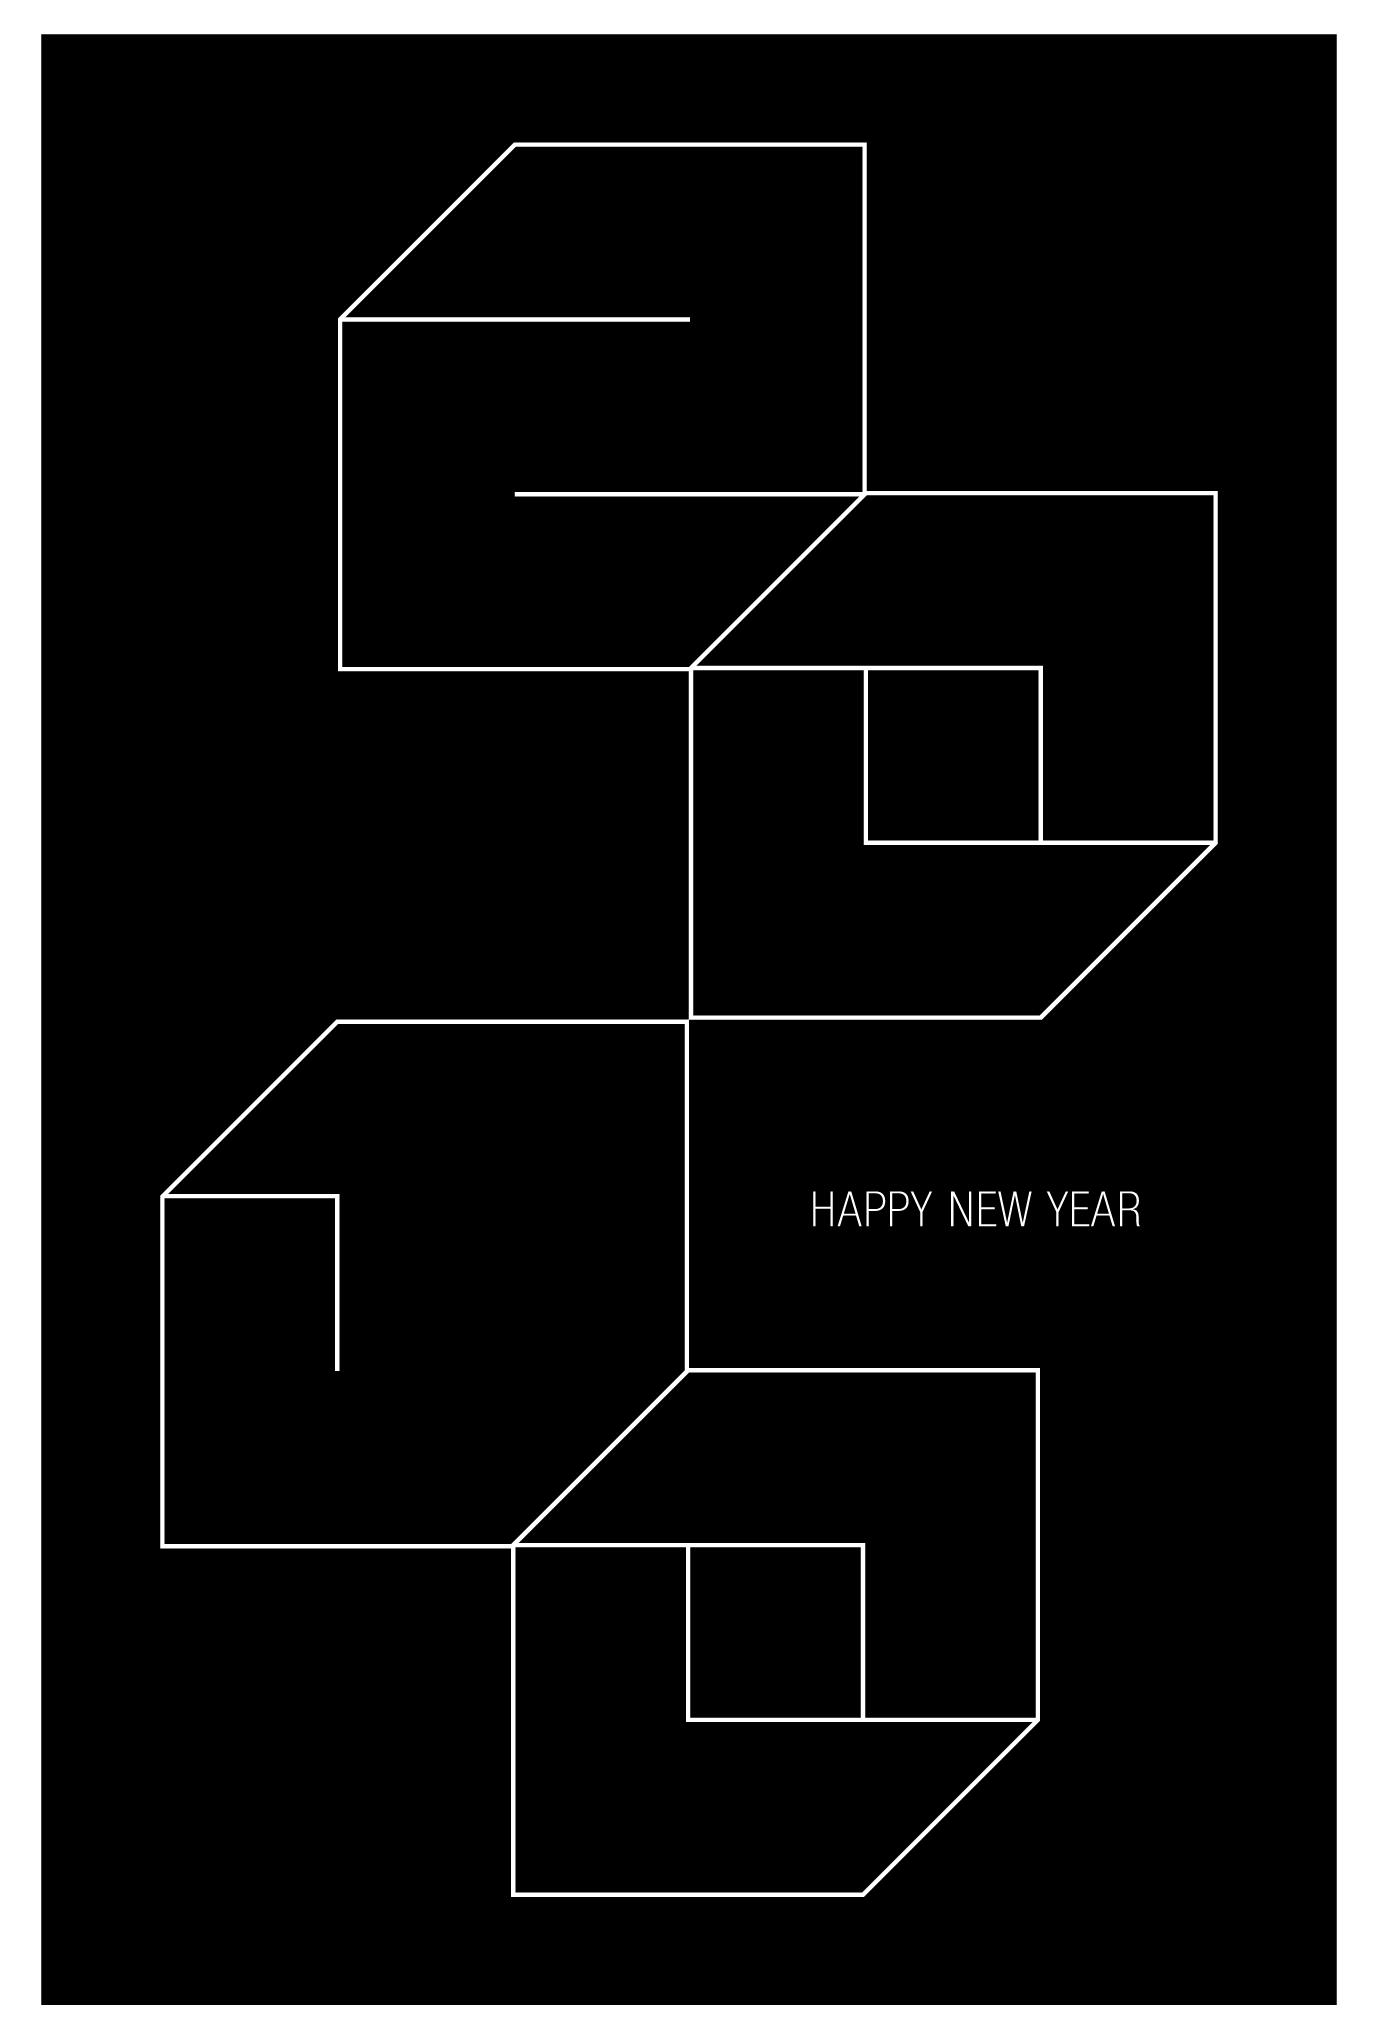 2010年賀状11:Square 2010 / 1のダウンロード画像